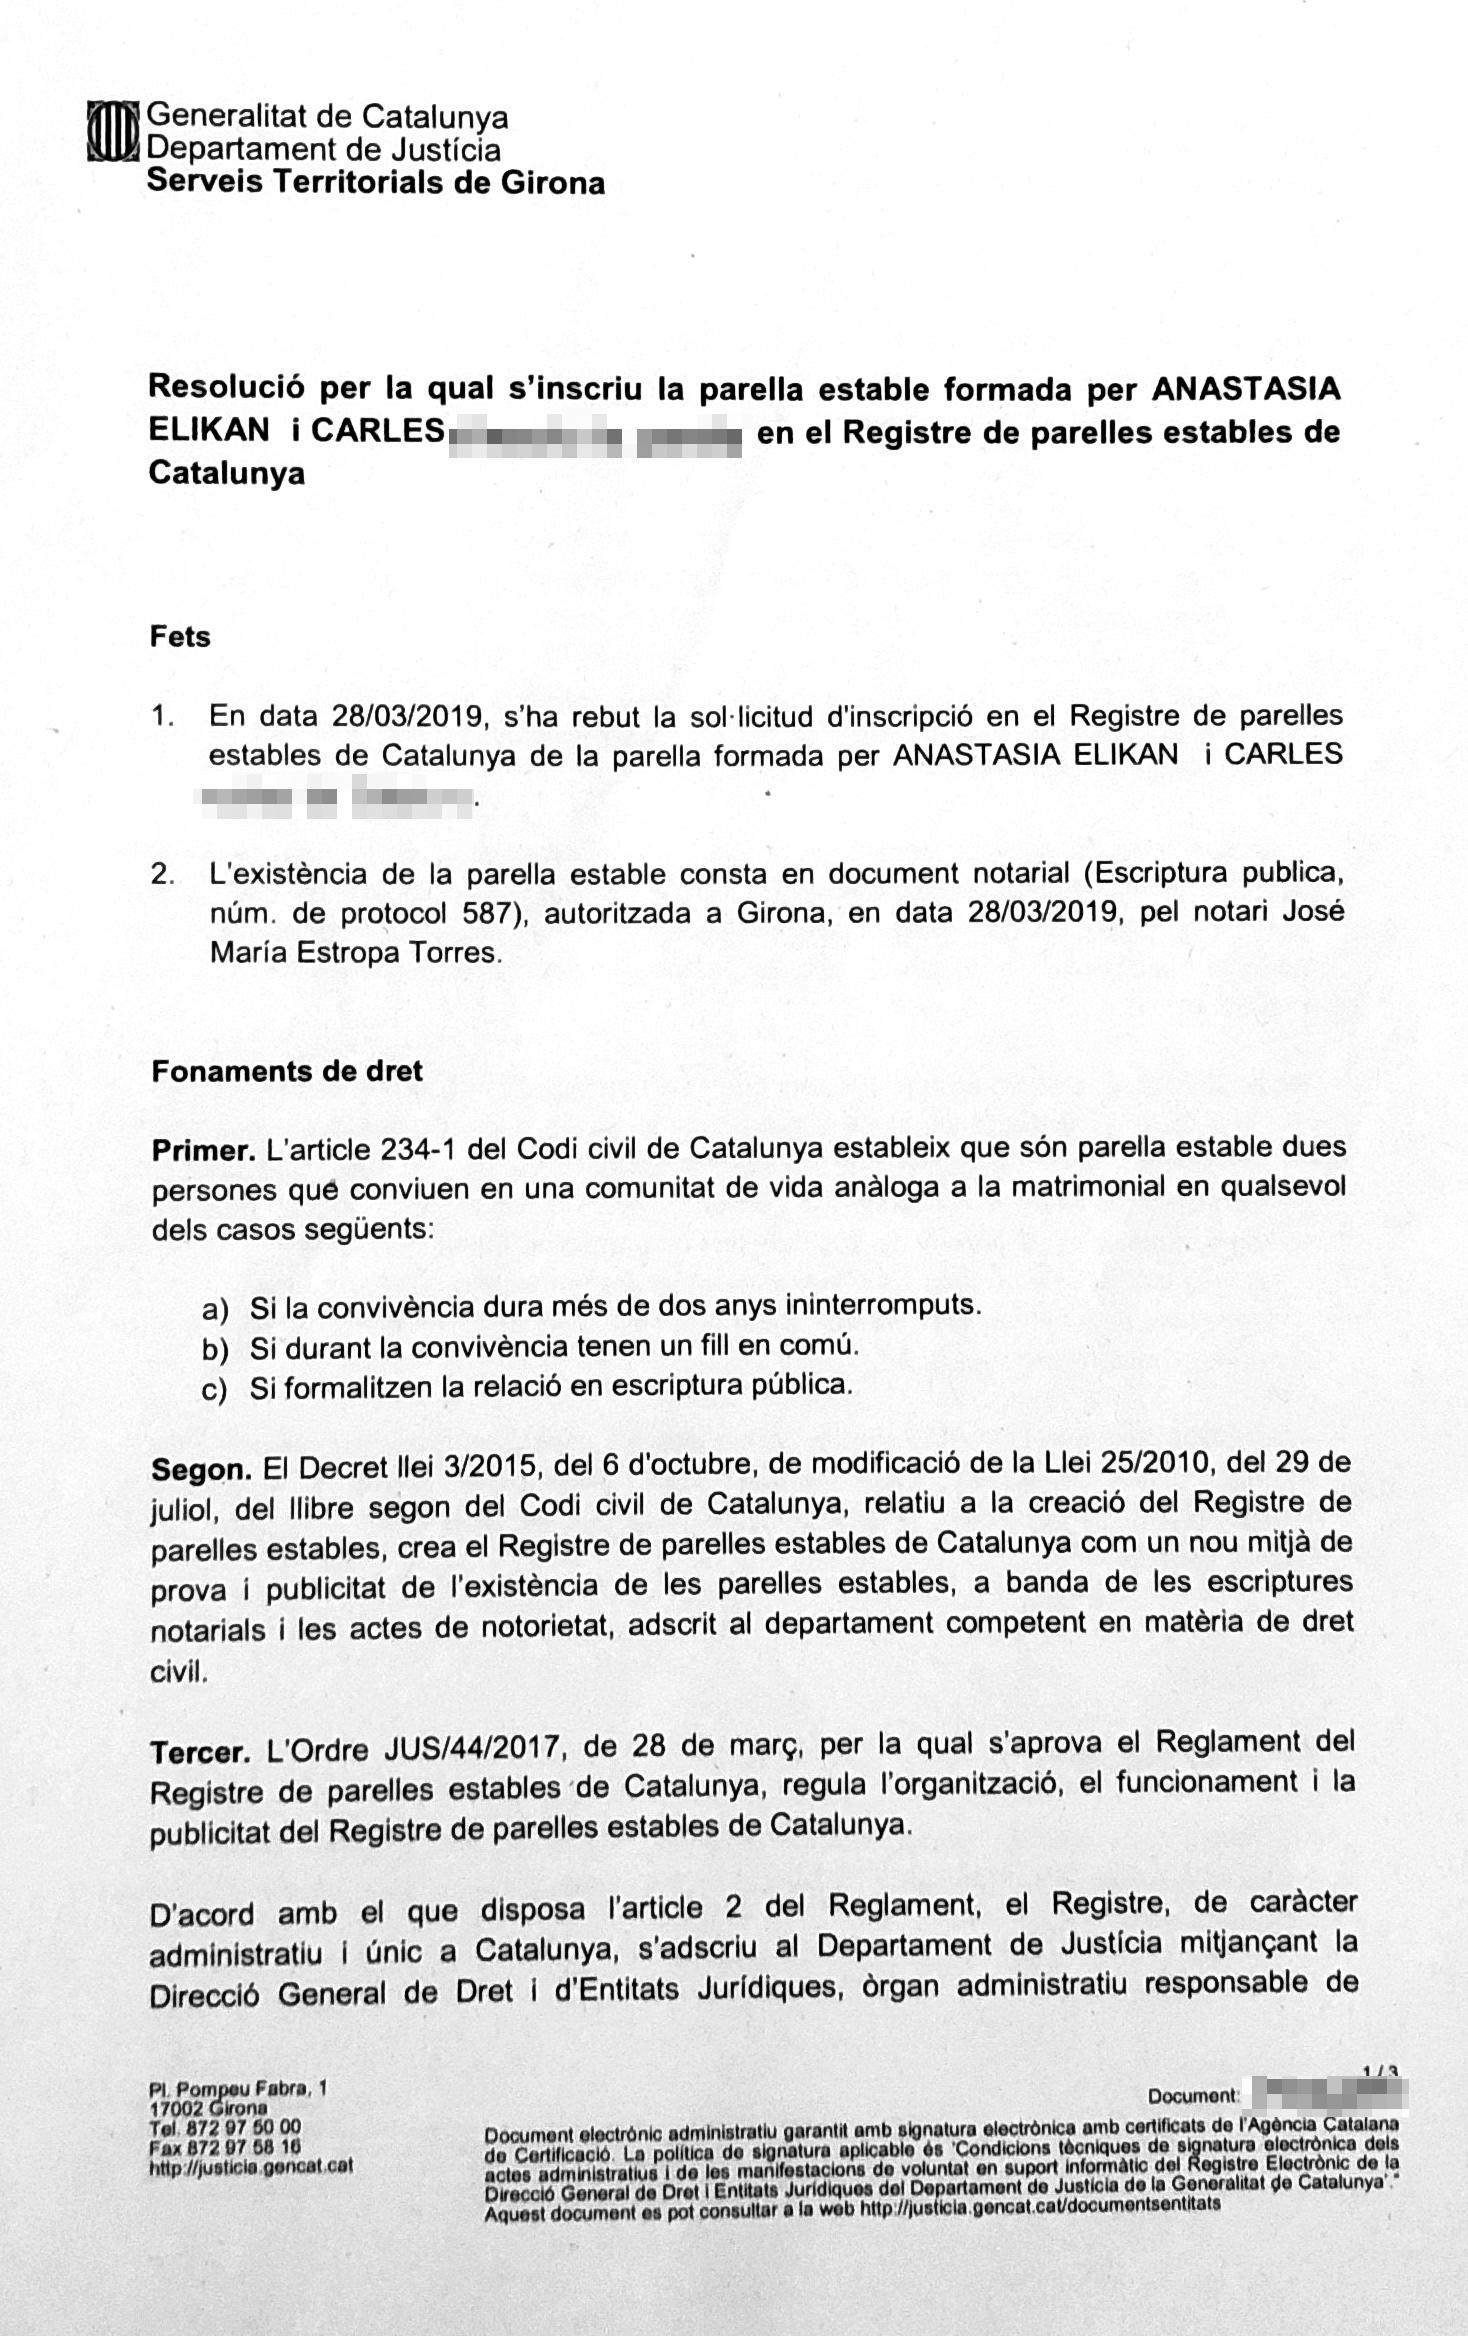 Свидетельство о заключении партнерского брака на каталанском